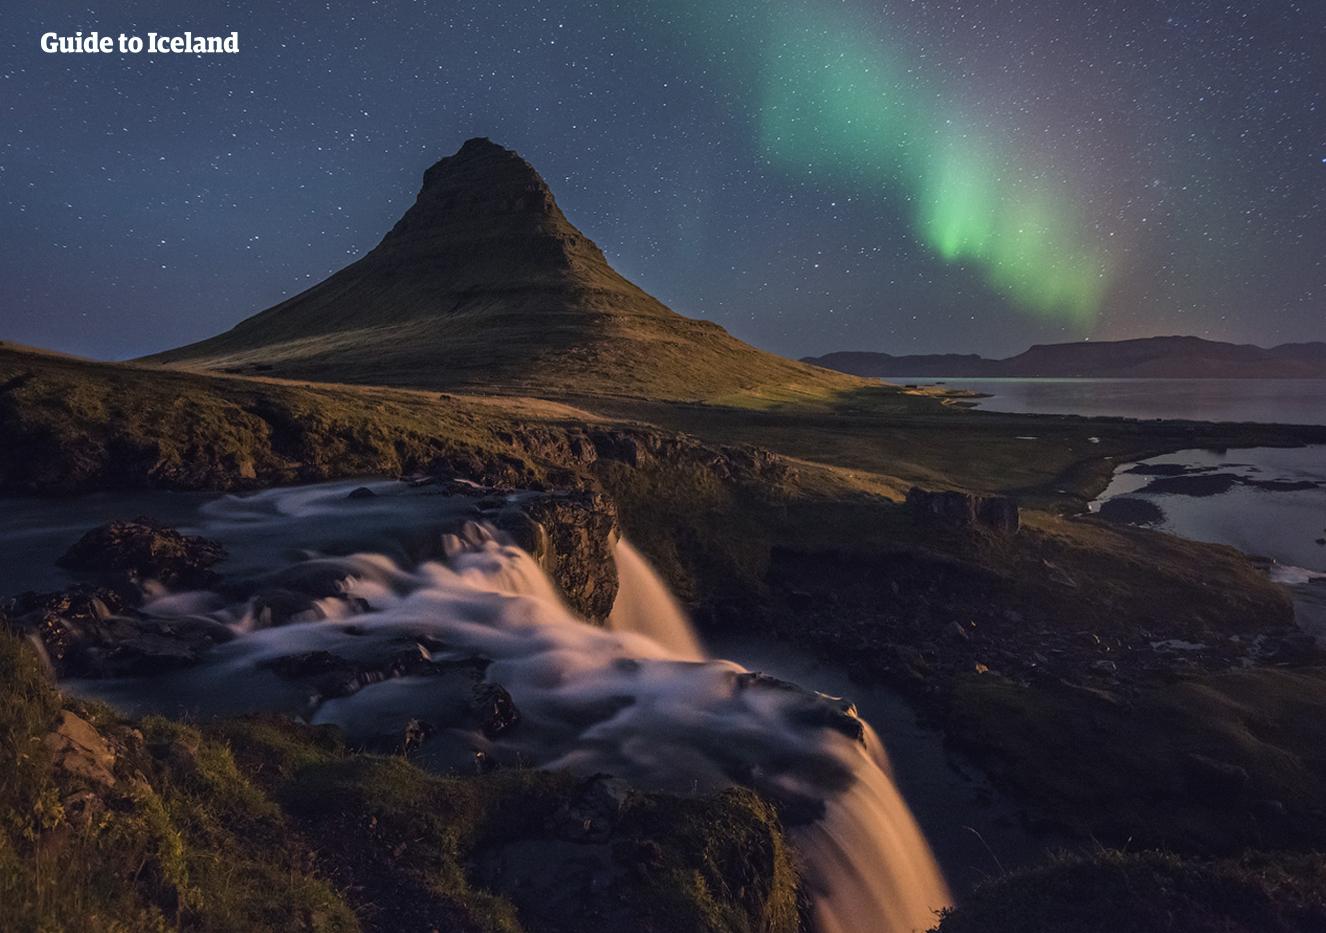 Kirkjufell ist ein wunderschöner Berg im Westen Islands, der wie eine Pyramide oder eine Pfeilspitze geformt ist.